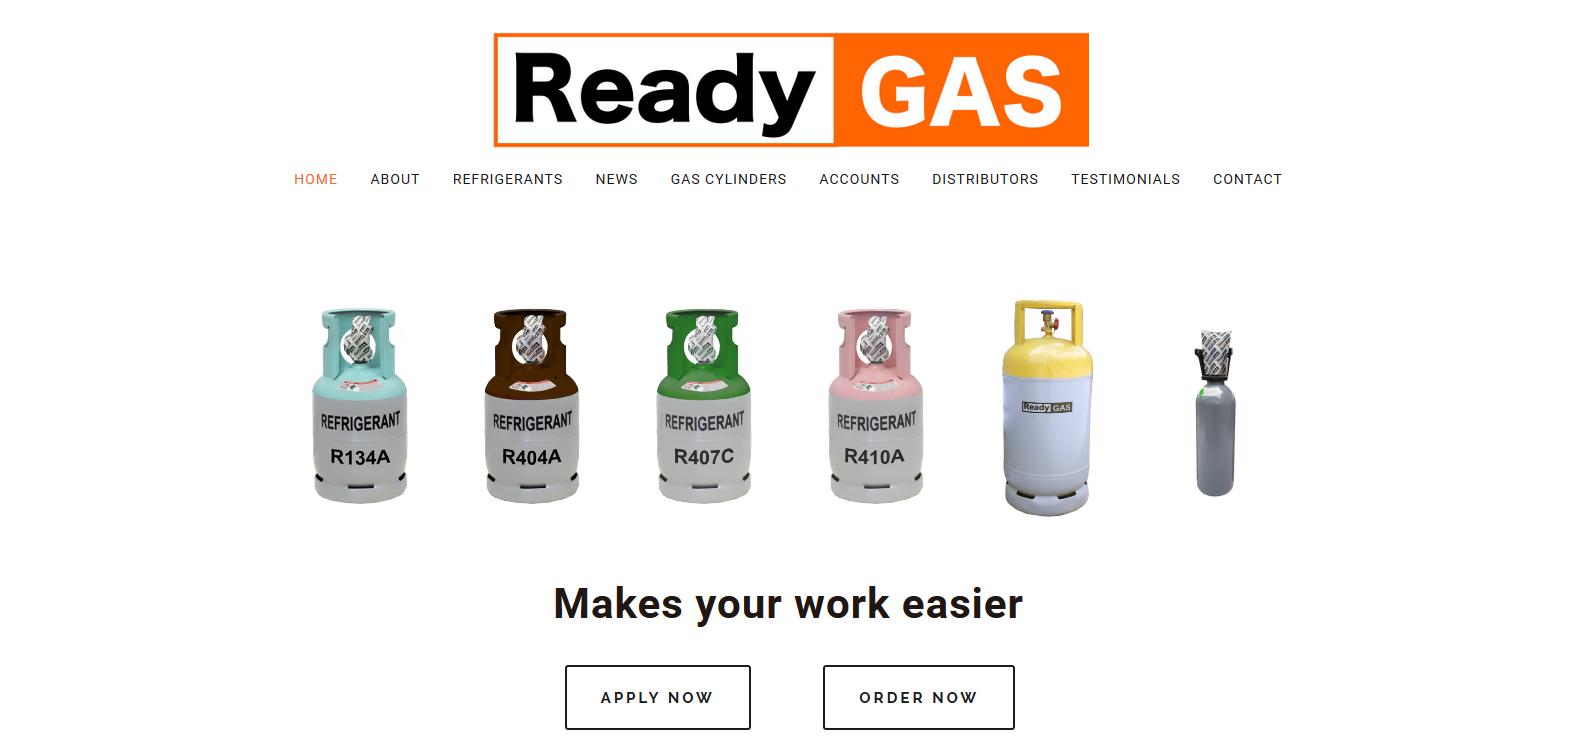 Ready Gas